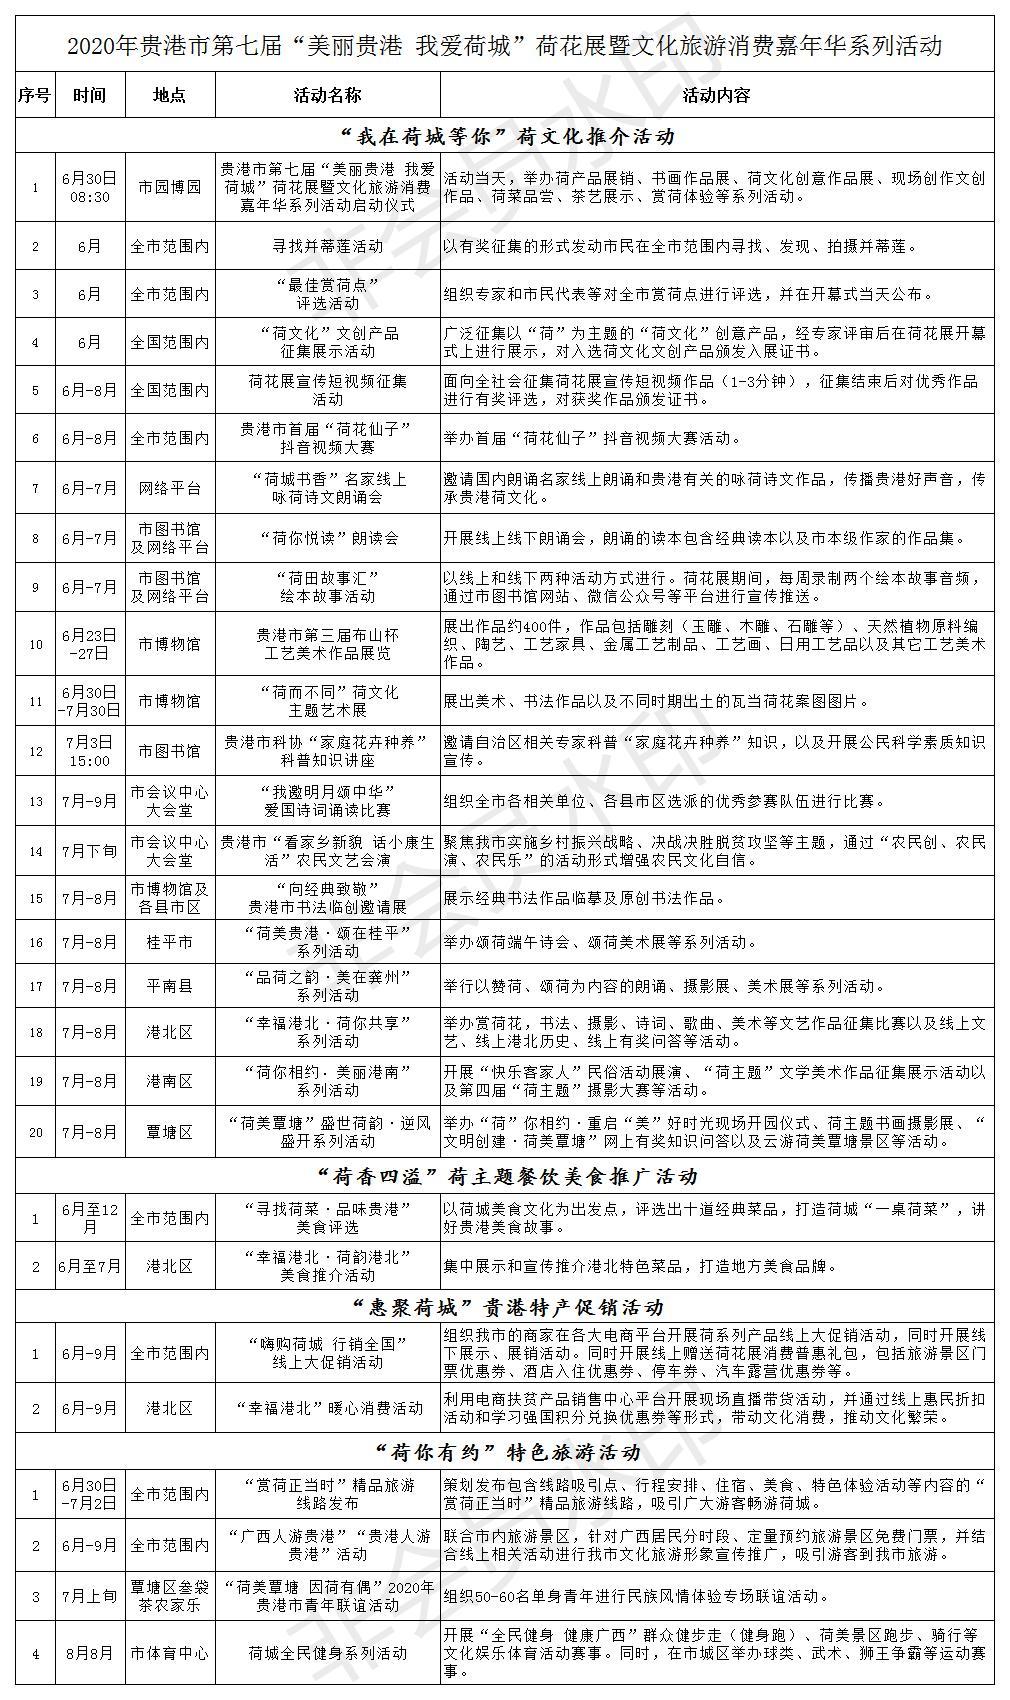 第七届荷花展活动公告表(1).jpg